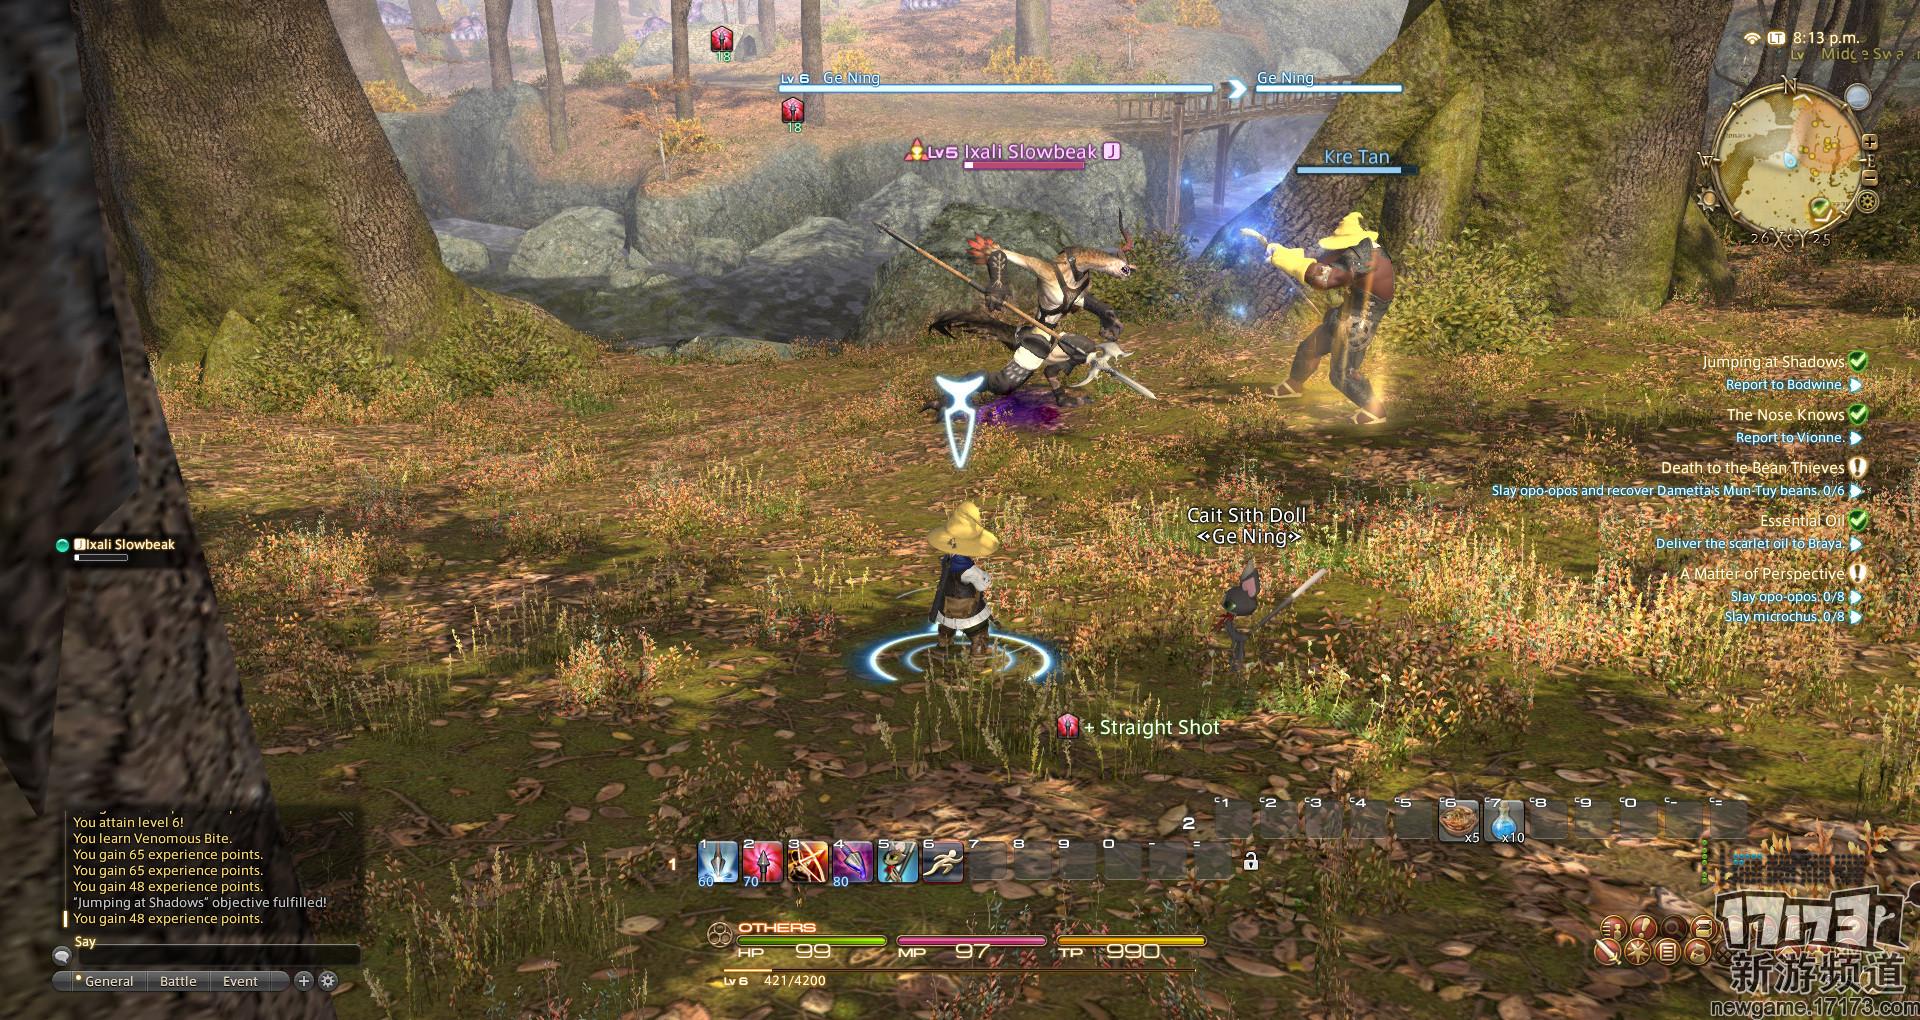 日式幻想遇上美式MMO 最终幻想14 试玩